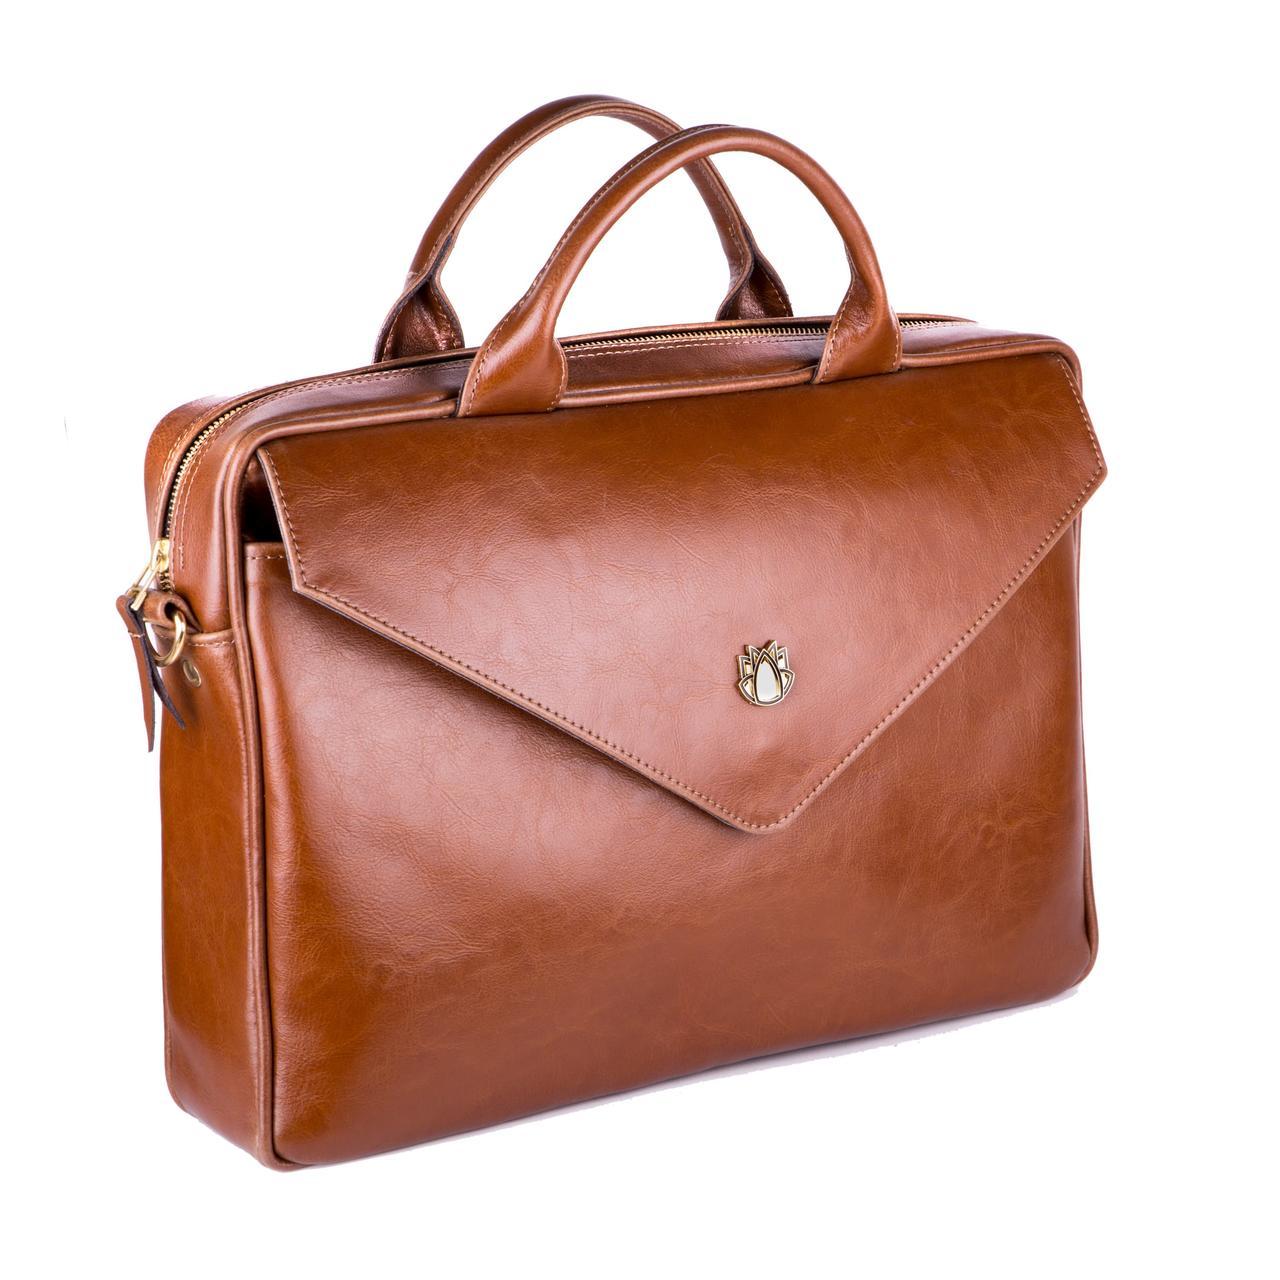 7f19b1cd5a8d Кожаная женская сумка для ноутбука 15 - 15.4